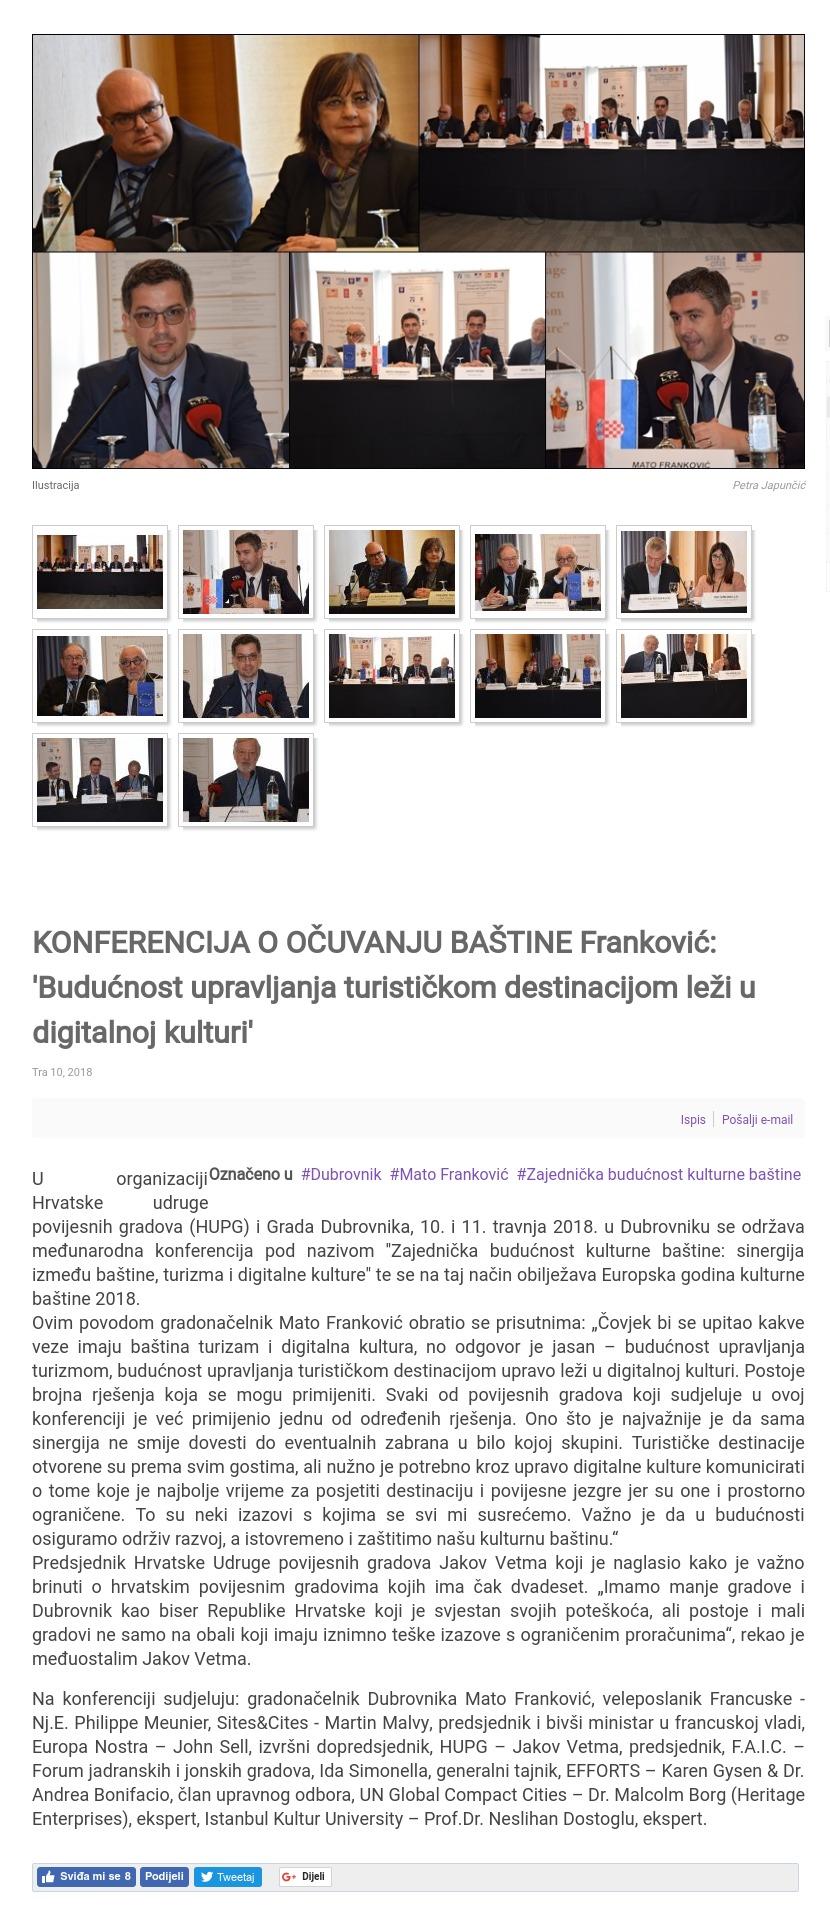 HUPG konferencija 2018 - nportal.hr